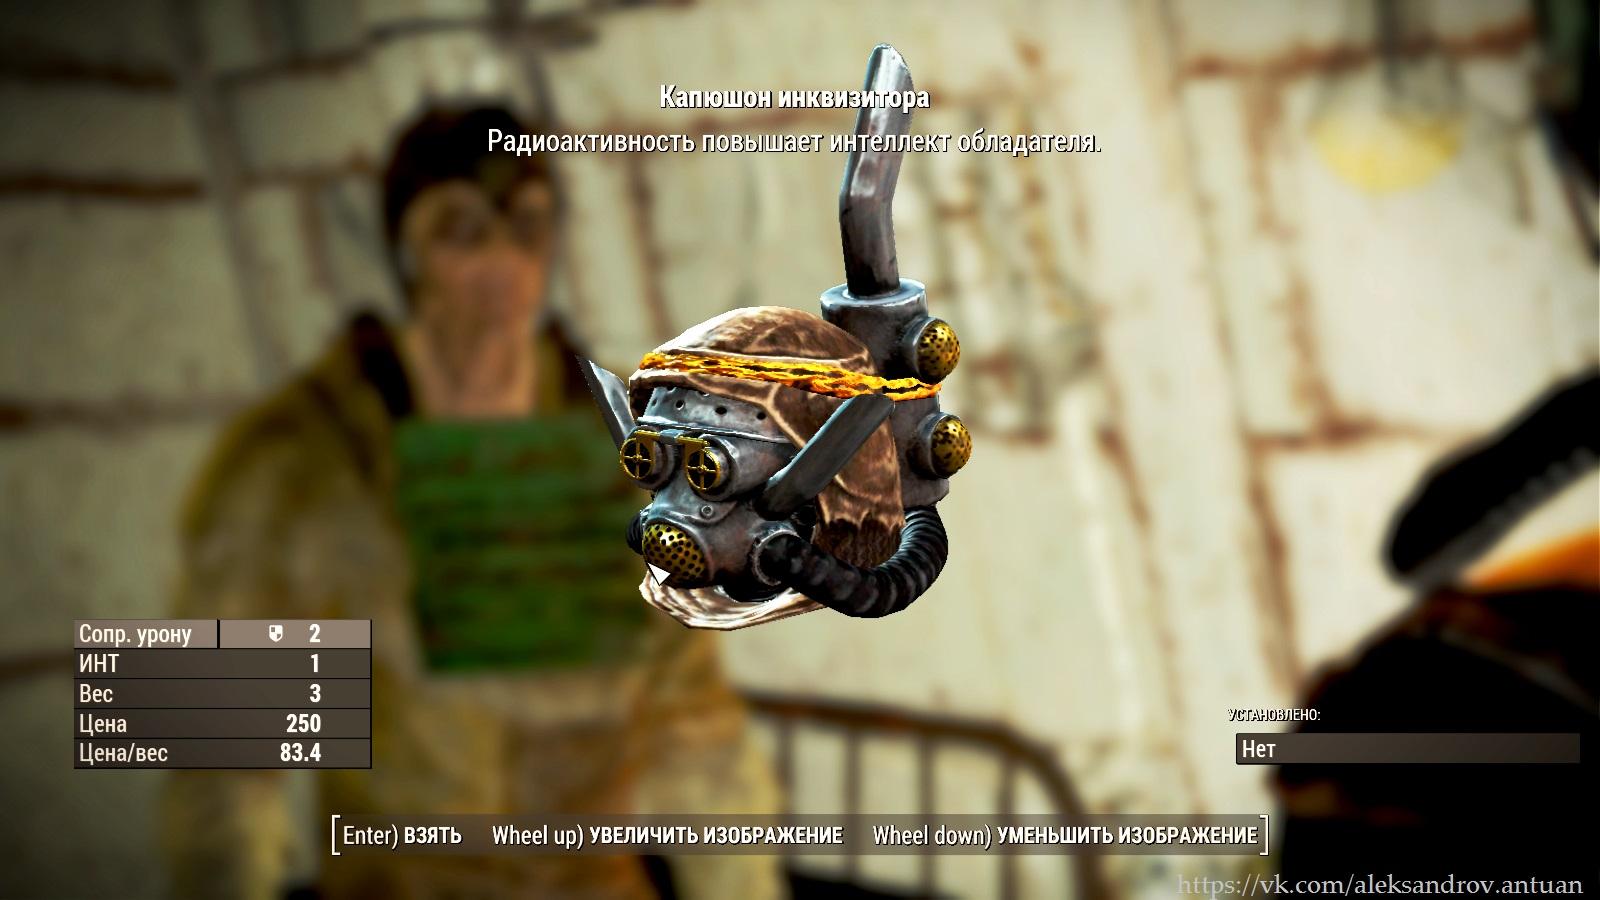 Капюшон Инквизитора. Не ожидал, что награда за раскрытие заговора будет такой ... - Fallout 4 Дети Атома, капюшон Инквизитора, Остров, Ядро